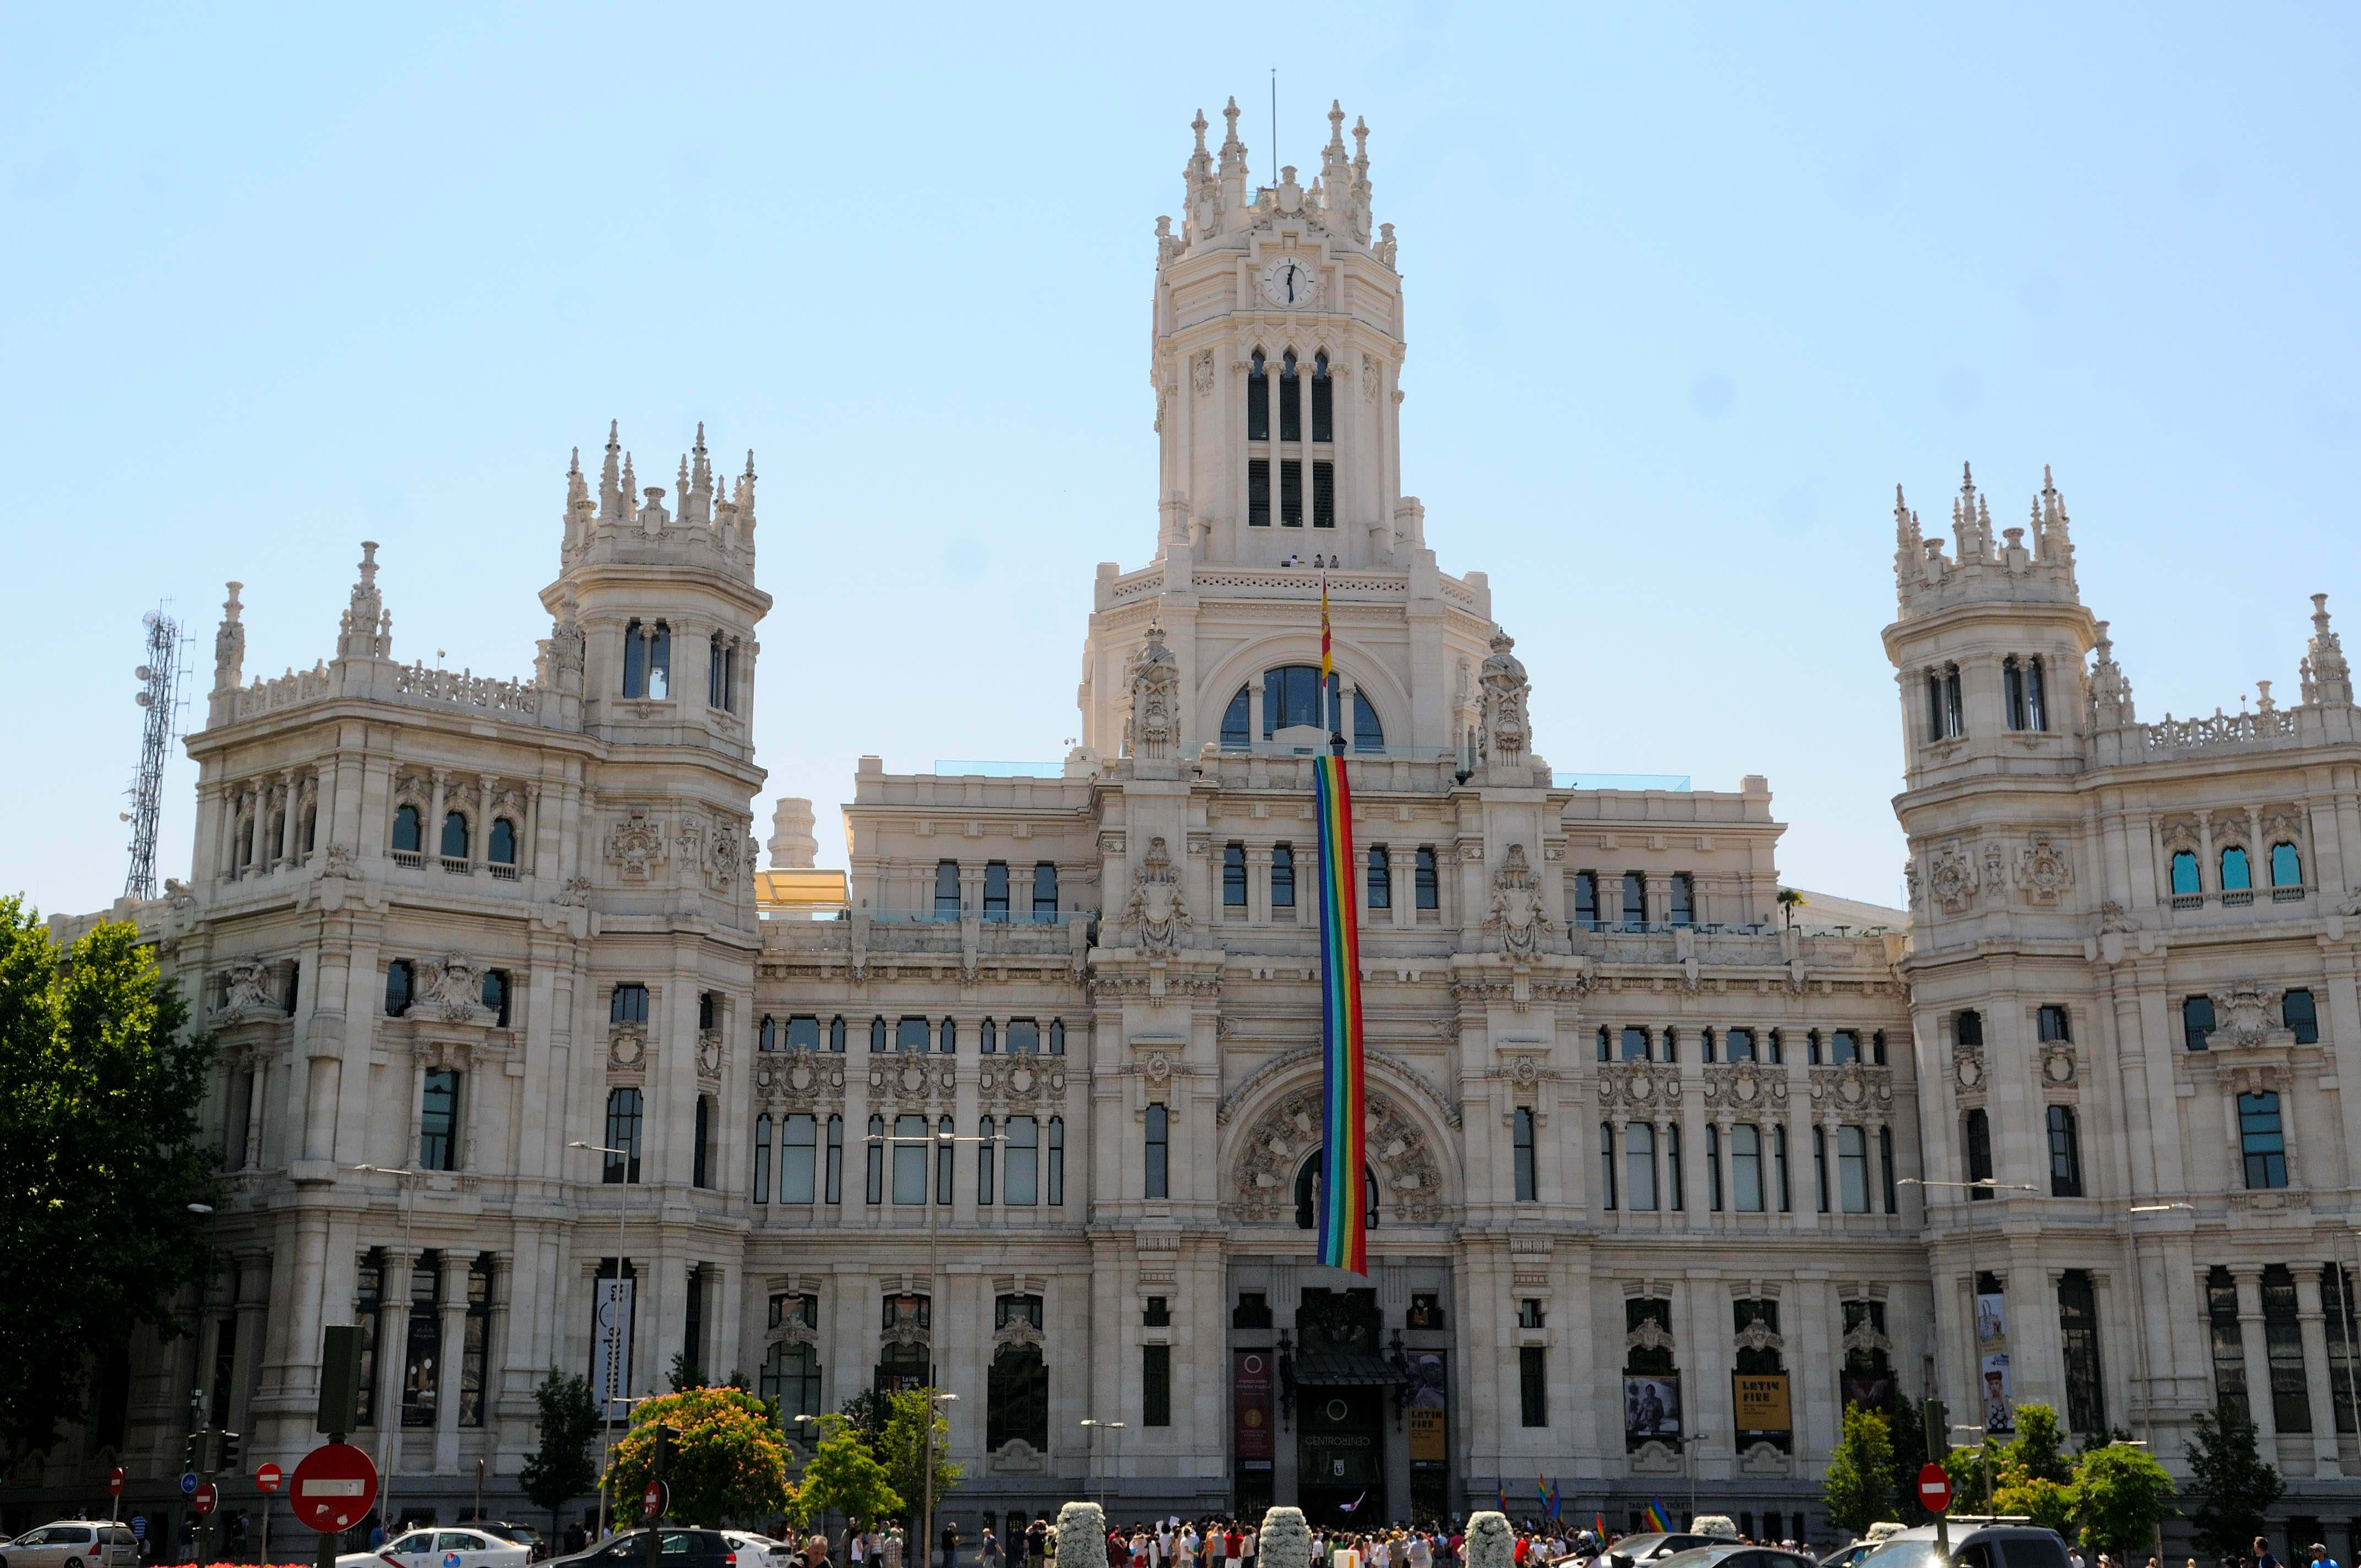 Una bandera arco ris desplegada en la fachada de cibeles - Casarse ayuntamiento madrid ...